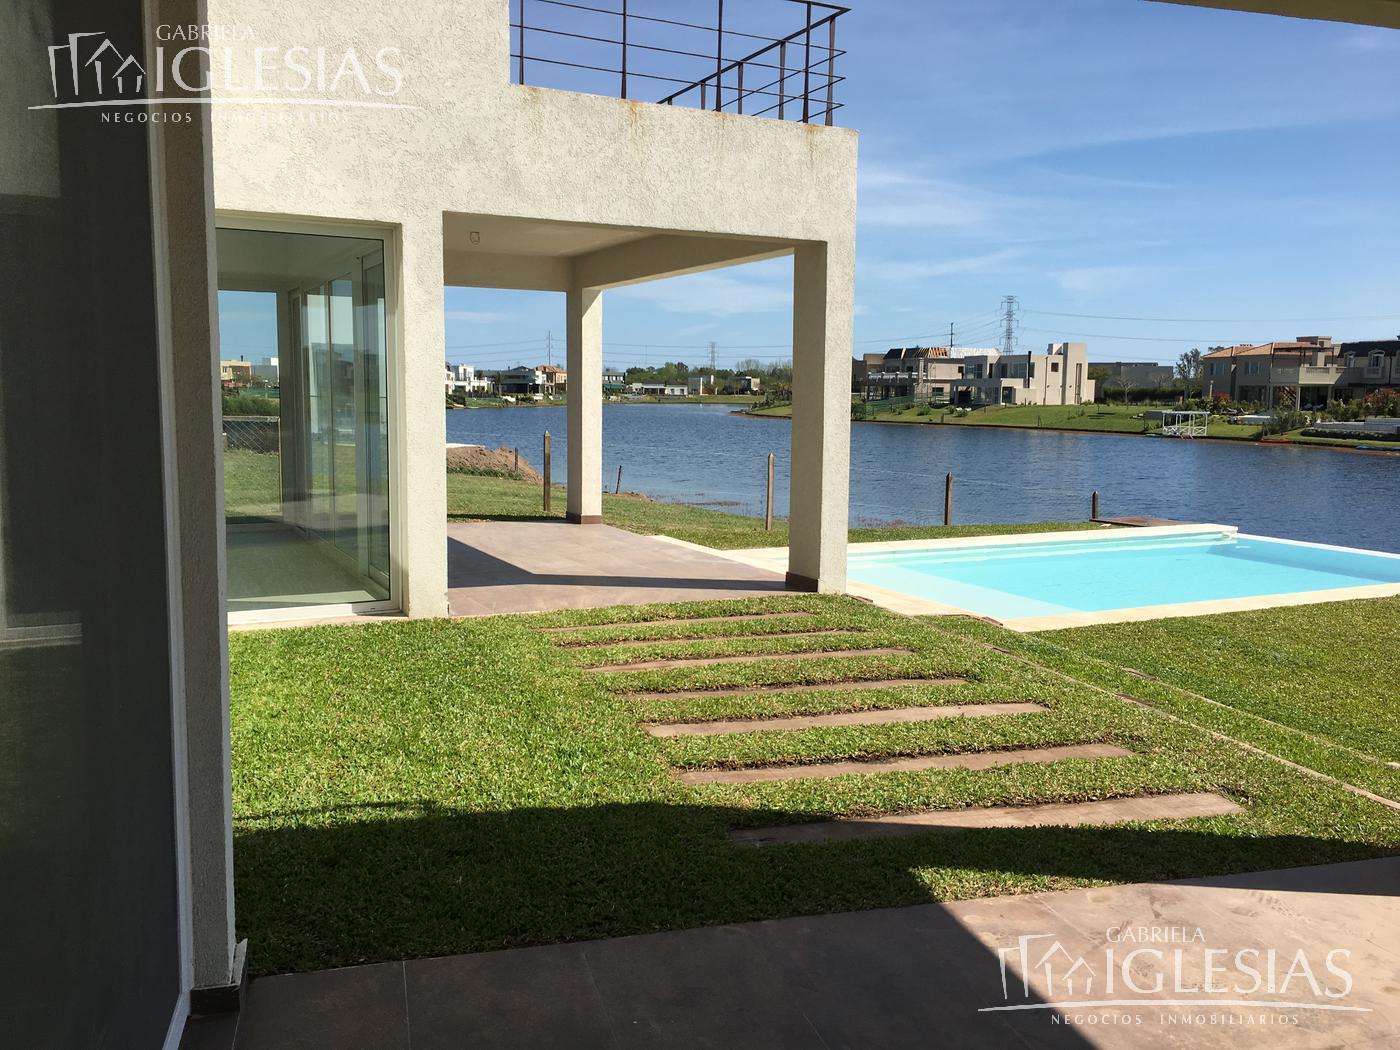 Casa en Venta en Nordelta Los Lagos a Venta - u$s 765.000